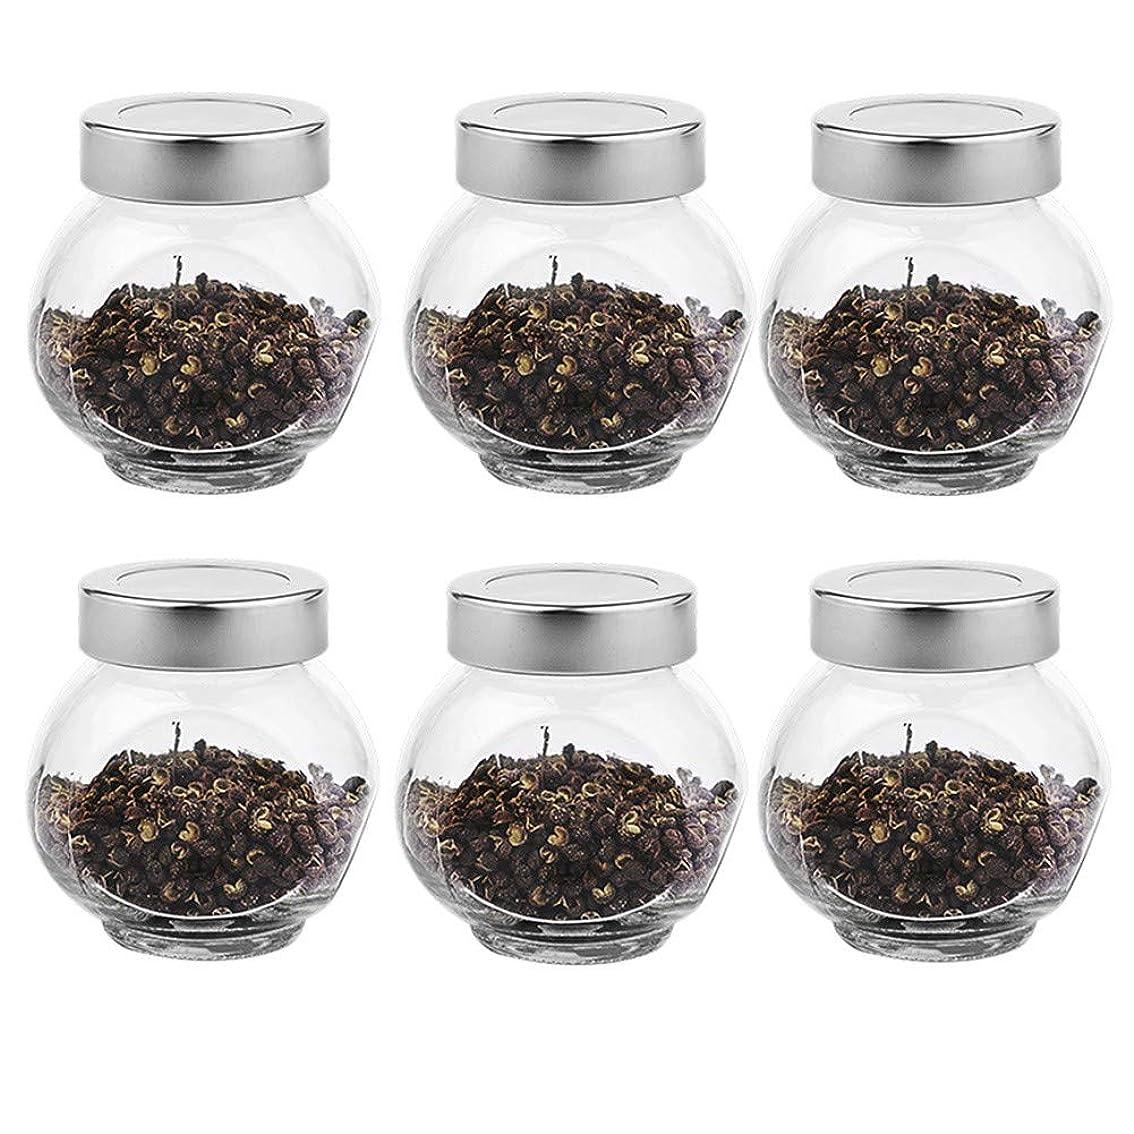 拡散する検出シード6つの透明ガラス貯蔵容器茶/季節密封缶(200 ml)の貯蔵ジャーパック